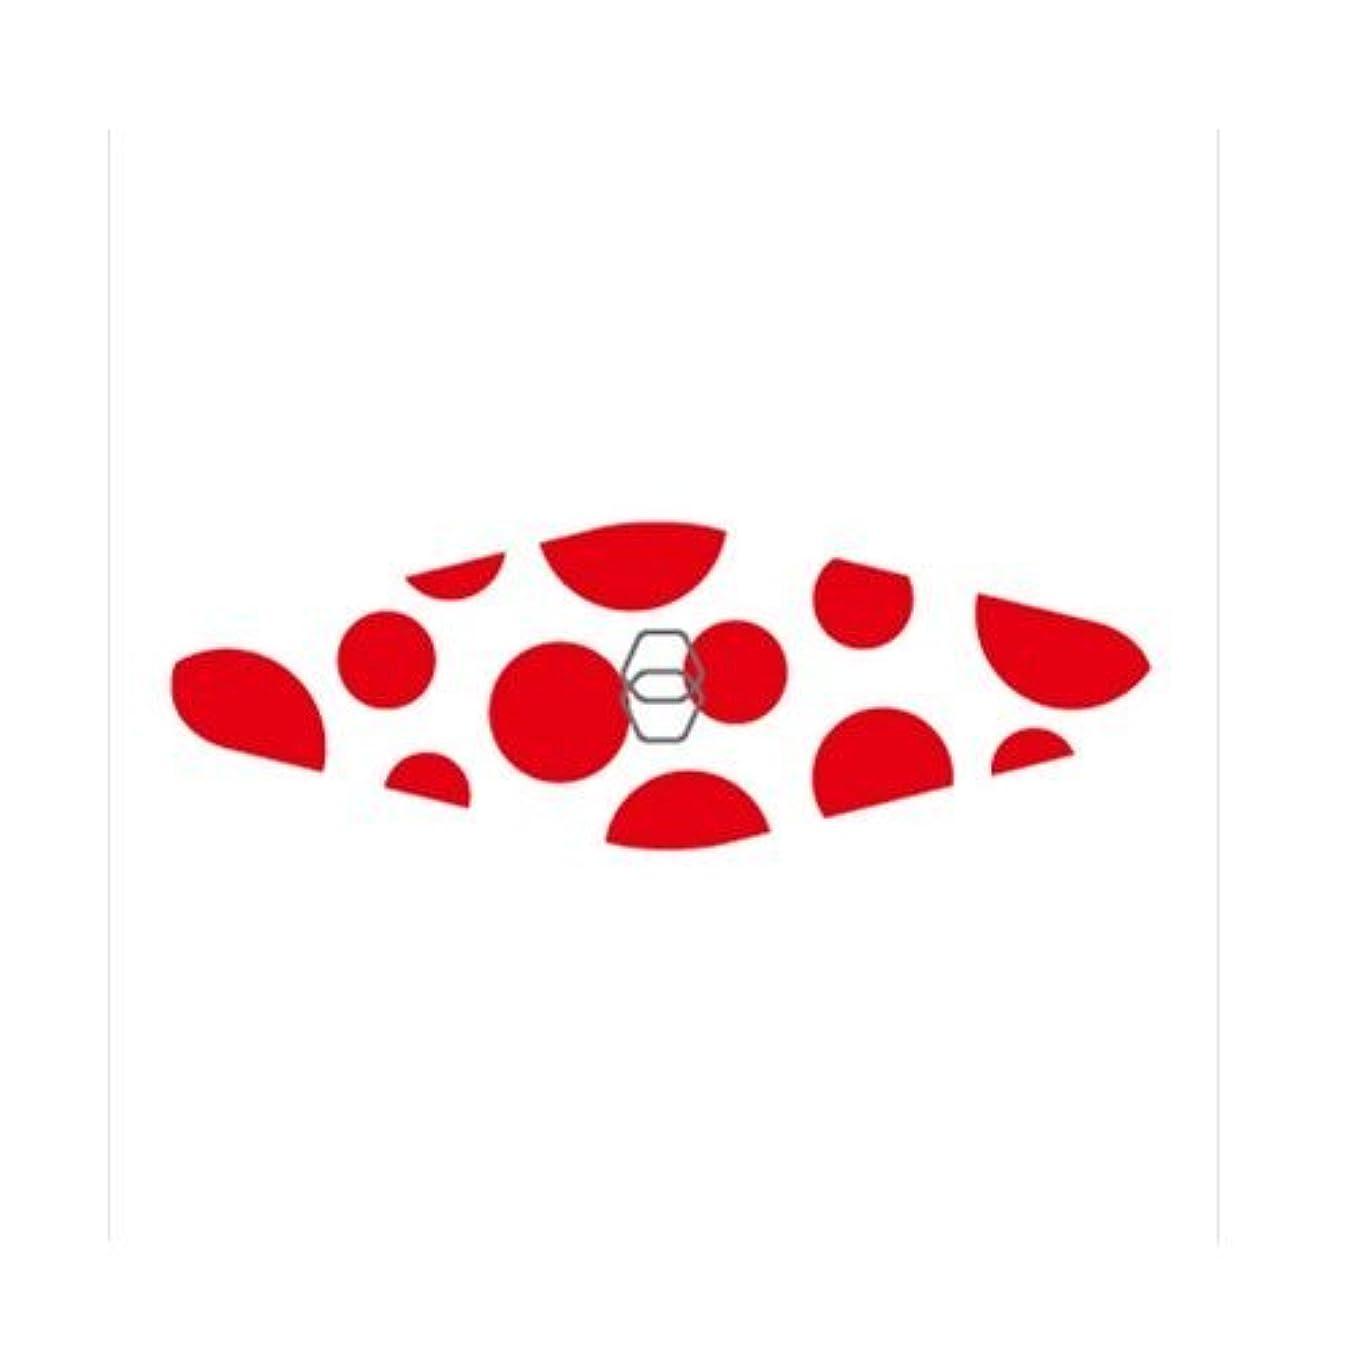 うるさい挨拶する袋GOEI DIAMOND ダイヤモンド爪やすり キャリー(赤ドット)